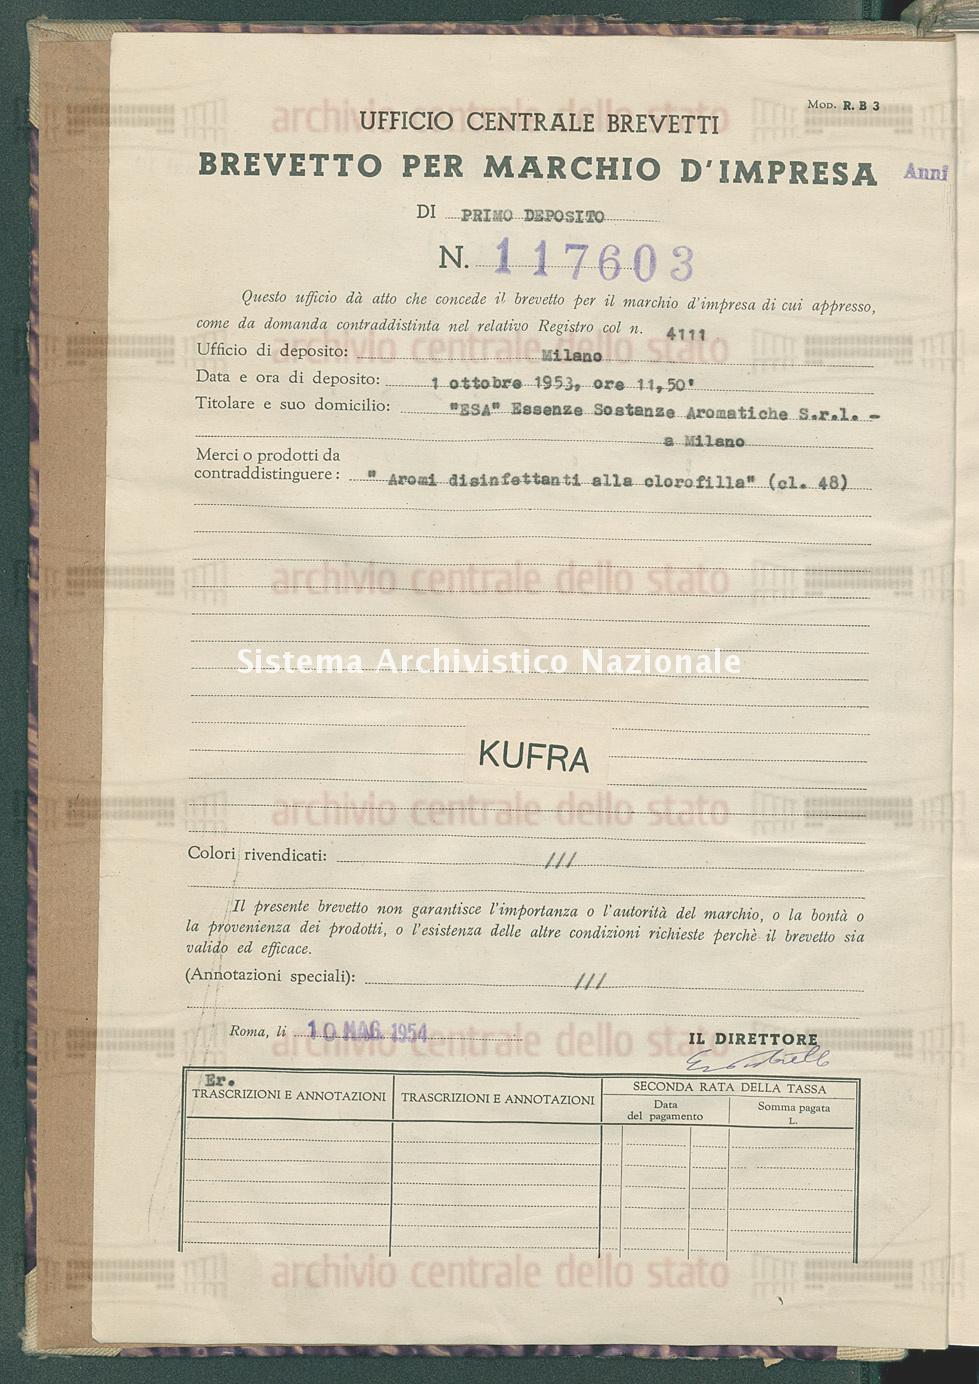 'Aromi disinfettanti alla clorofilla' 'Esa' Essenze Sostanze Aromatiche S.R.L. (10/05/1954)